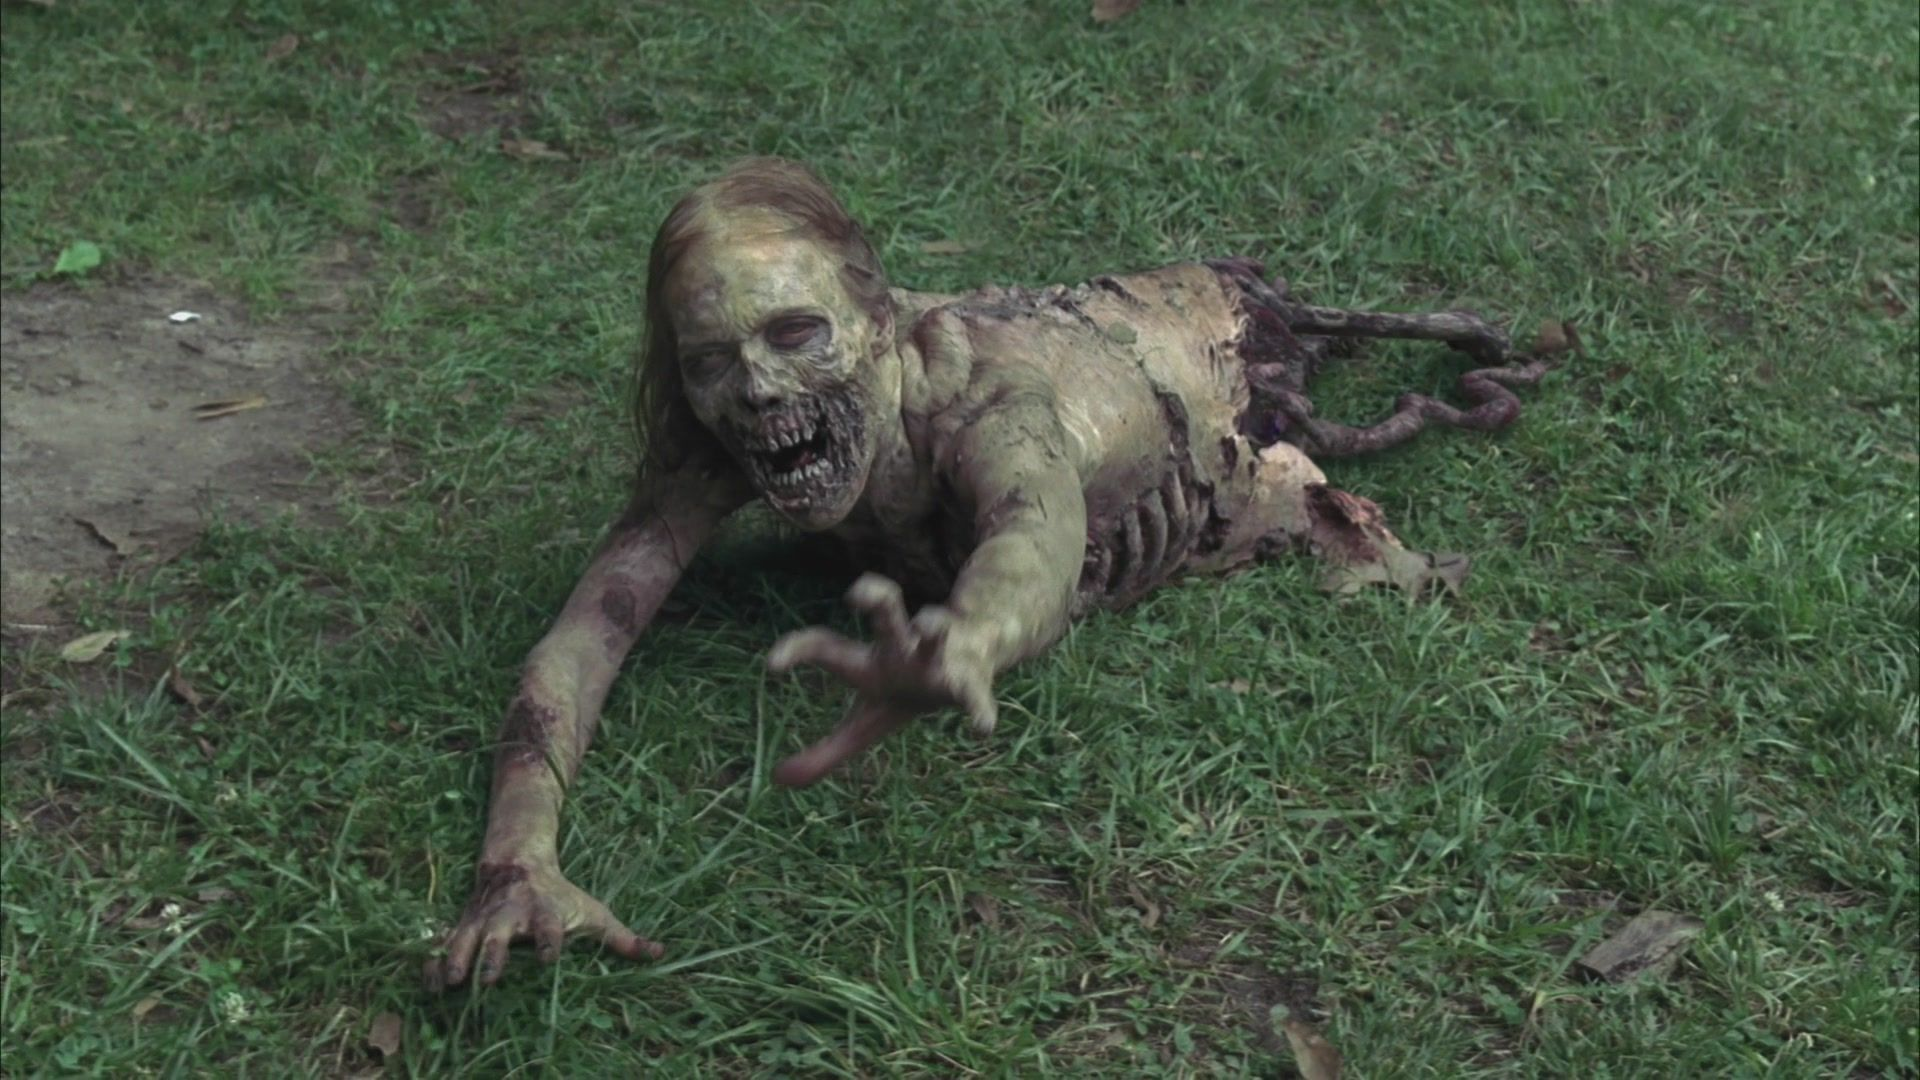 ¿Cómo se llama el primer caminante que vio Rick?